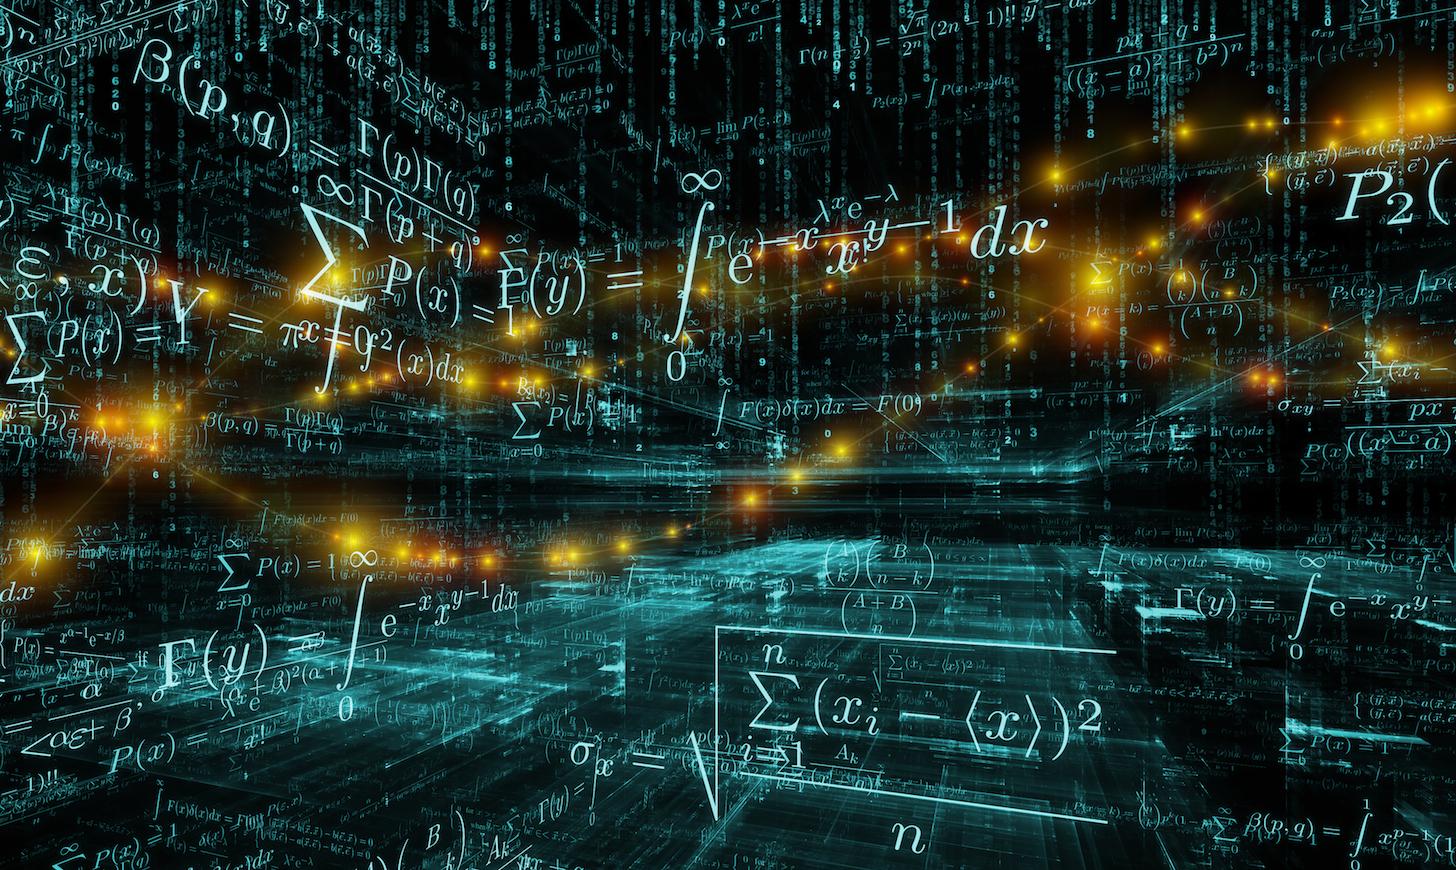 matematica mineraria bitcoin)